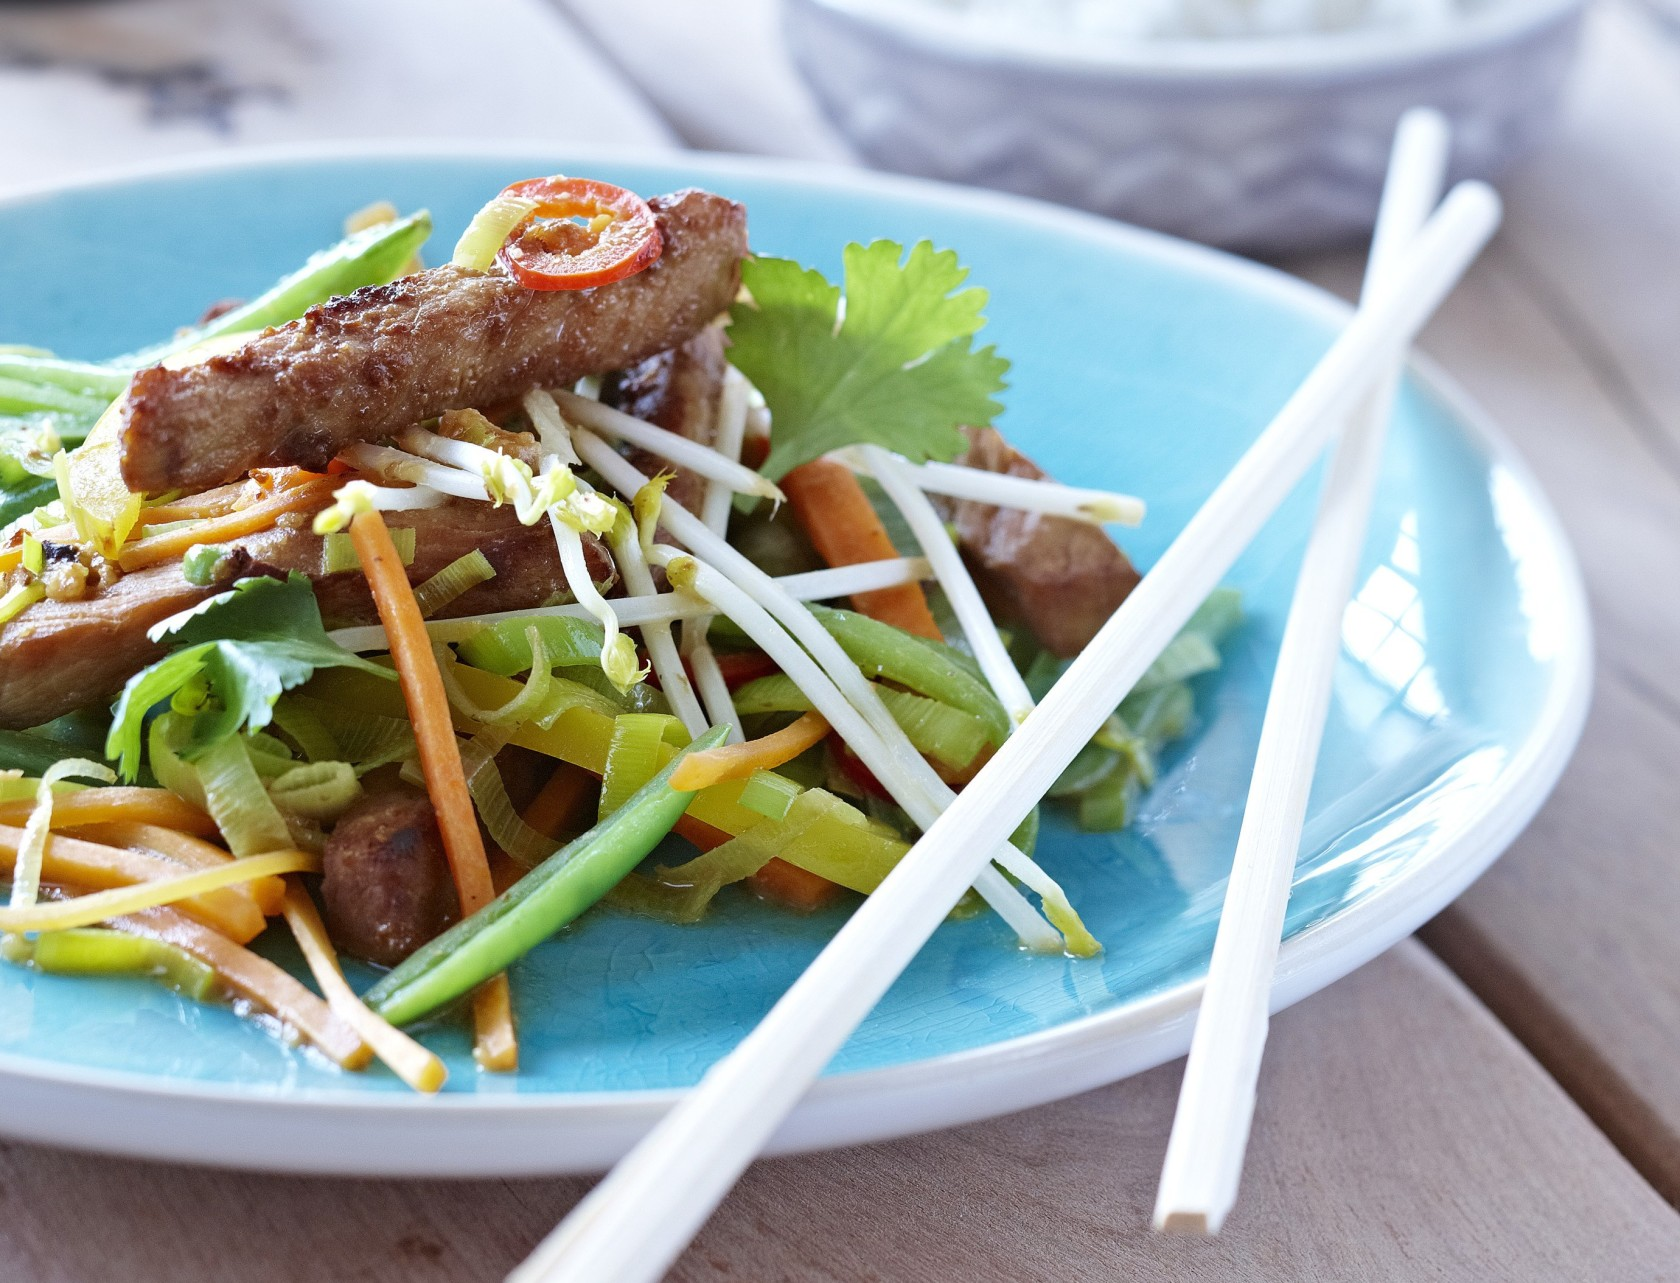 Wok med skinke, grøntsager og peanutbutter